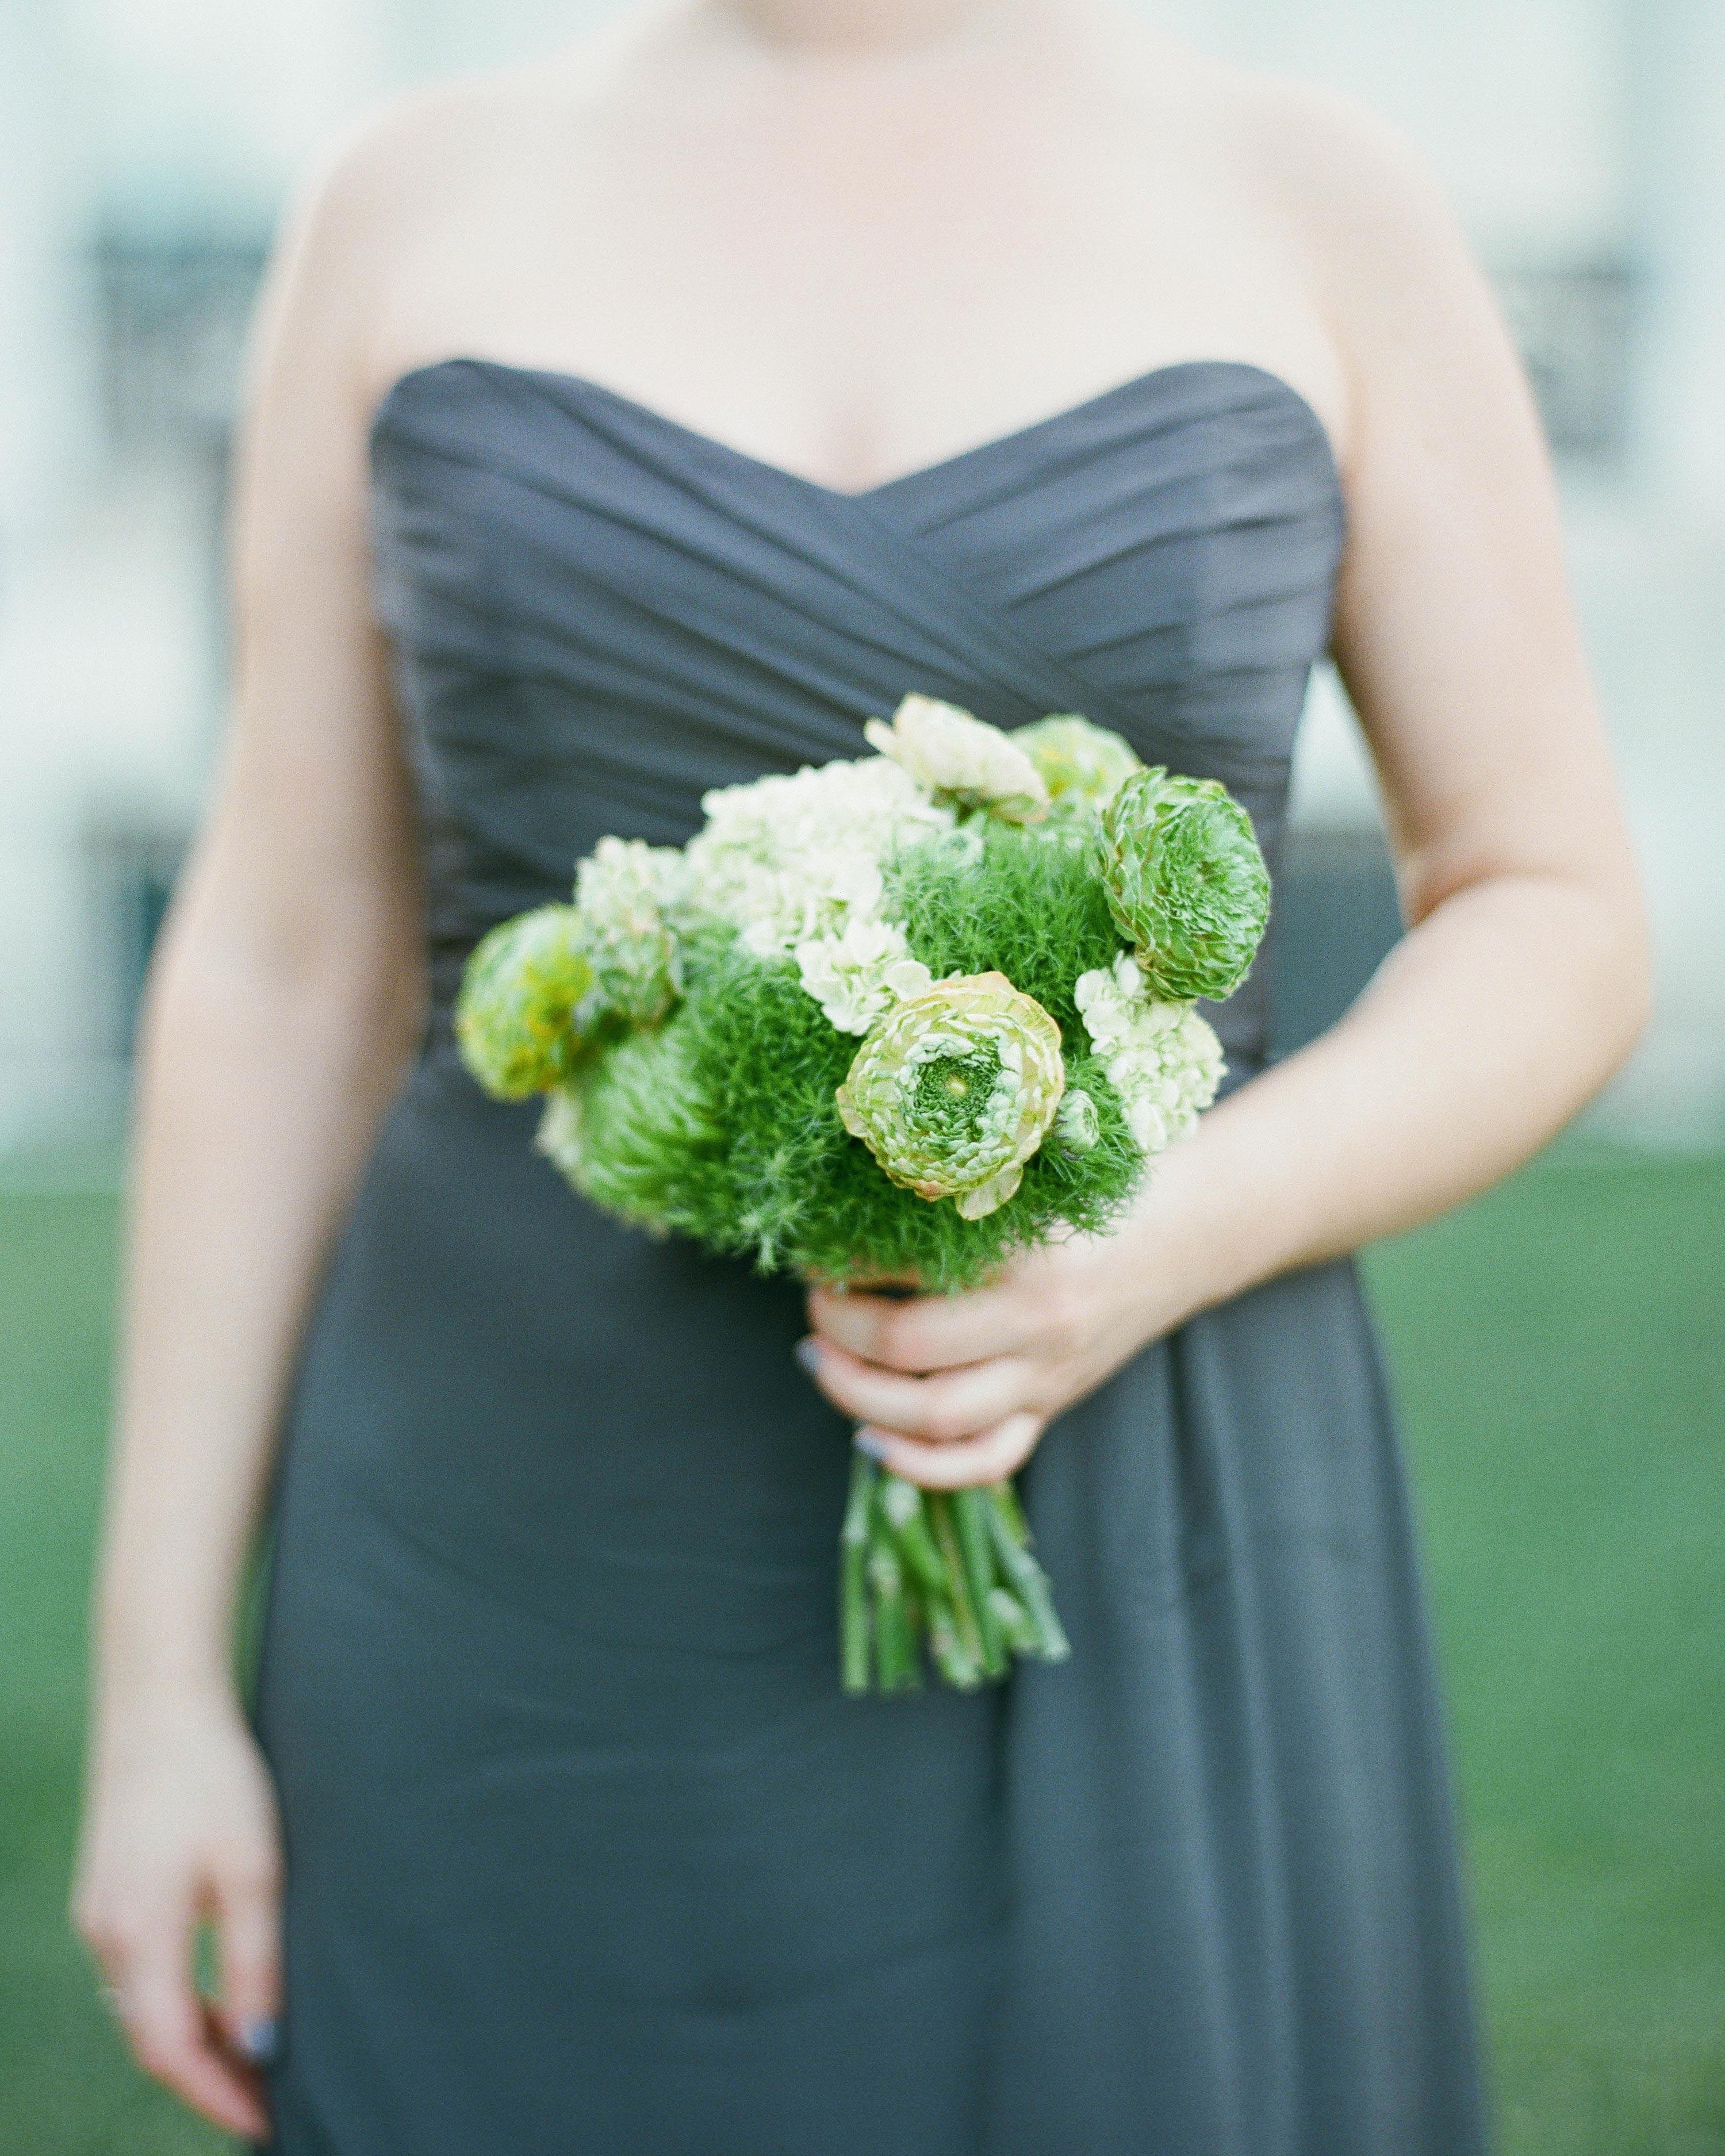 lissy-steven-wedding-newport-bouquet-233-elizabethmessina-s112907-0516.jpg